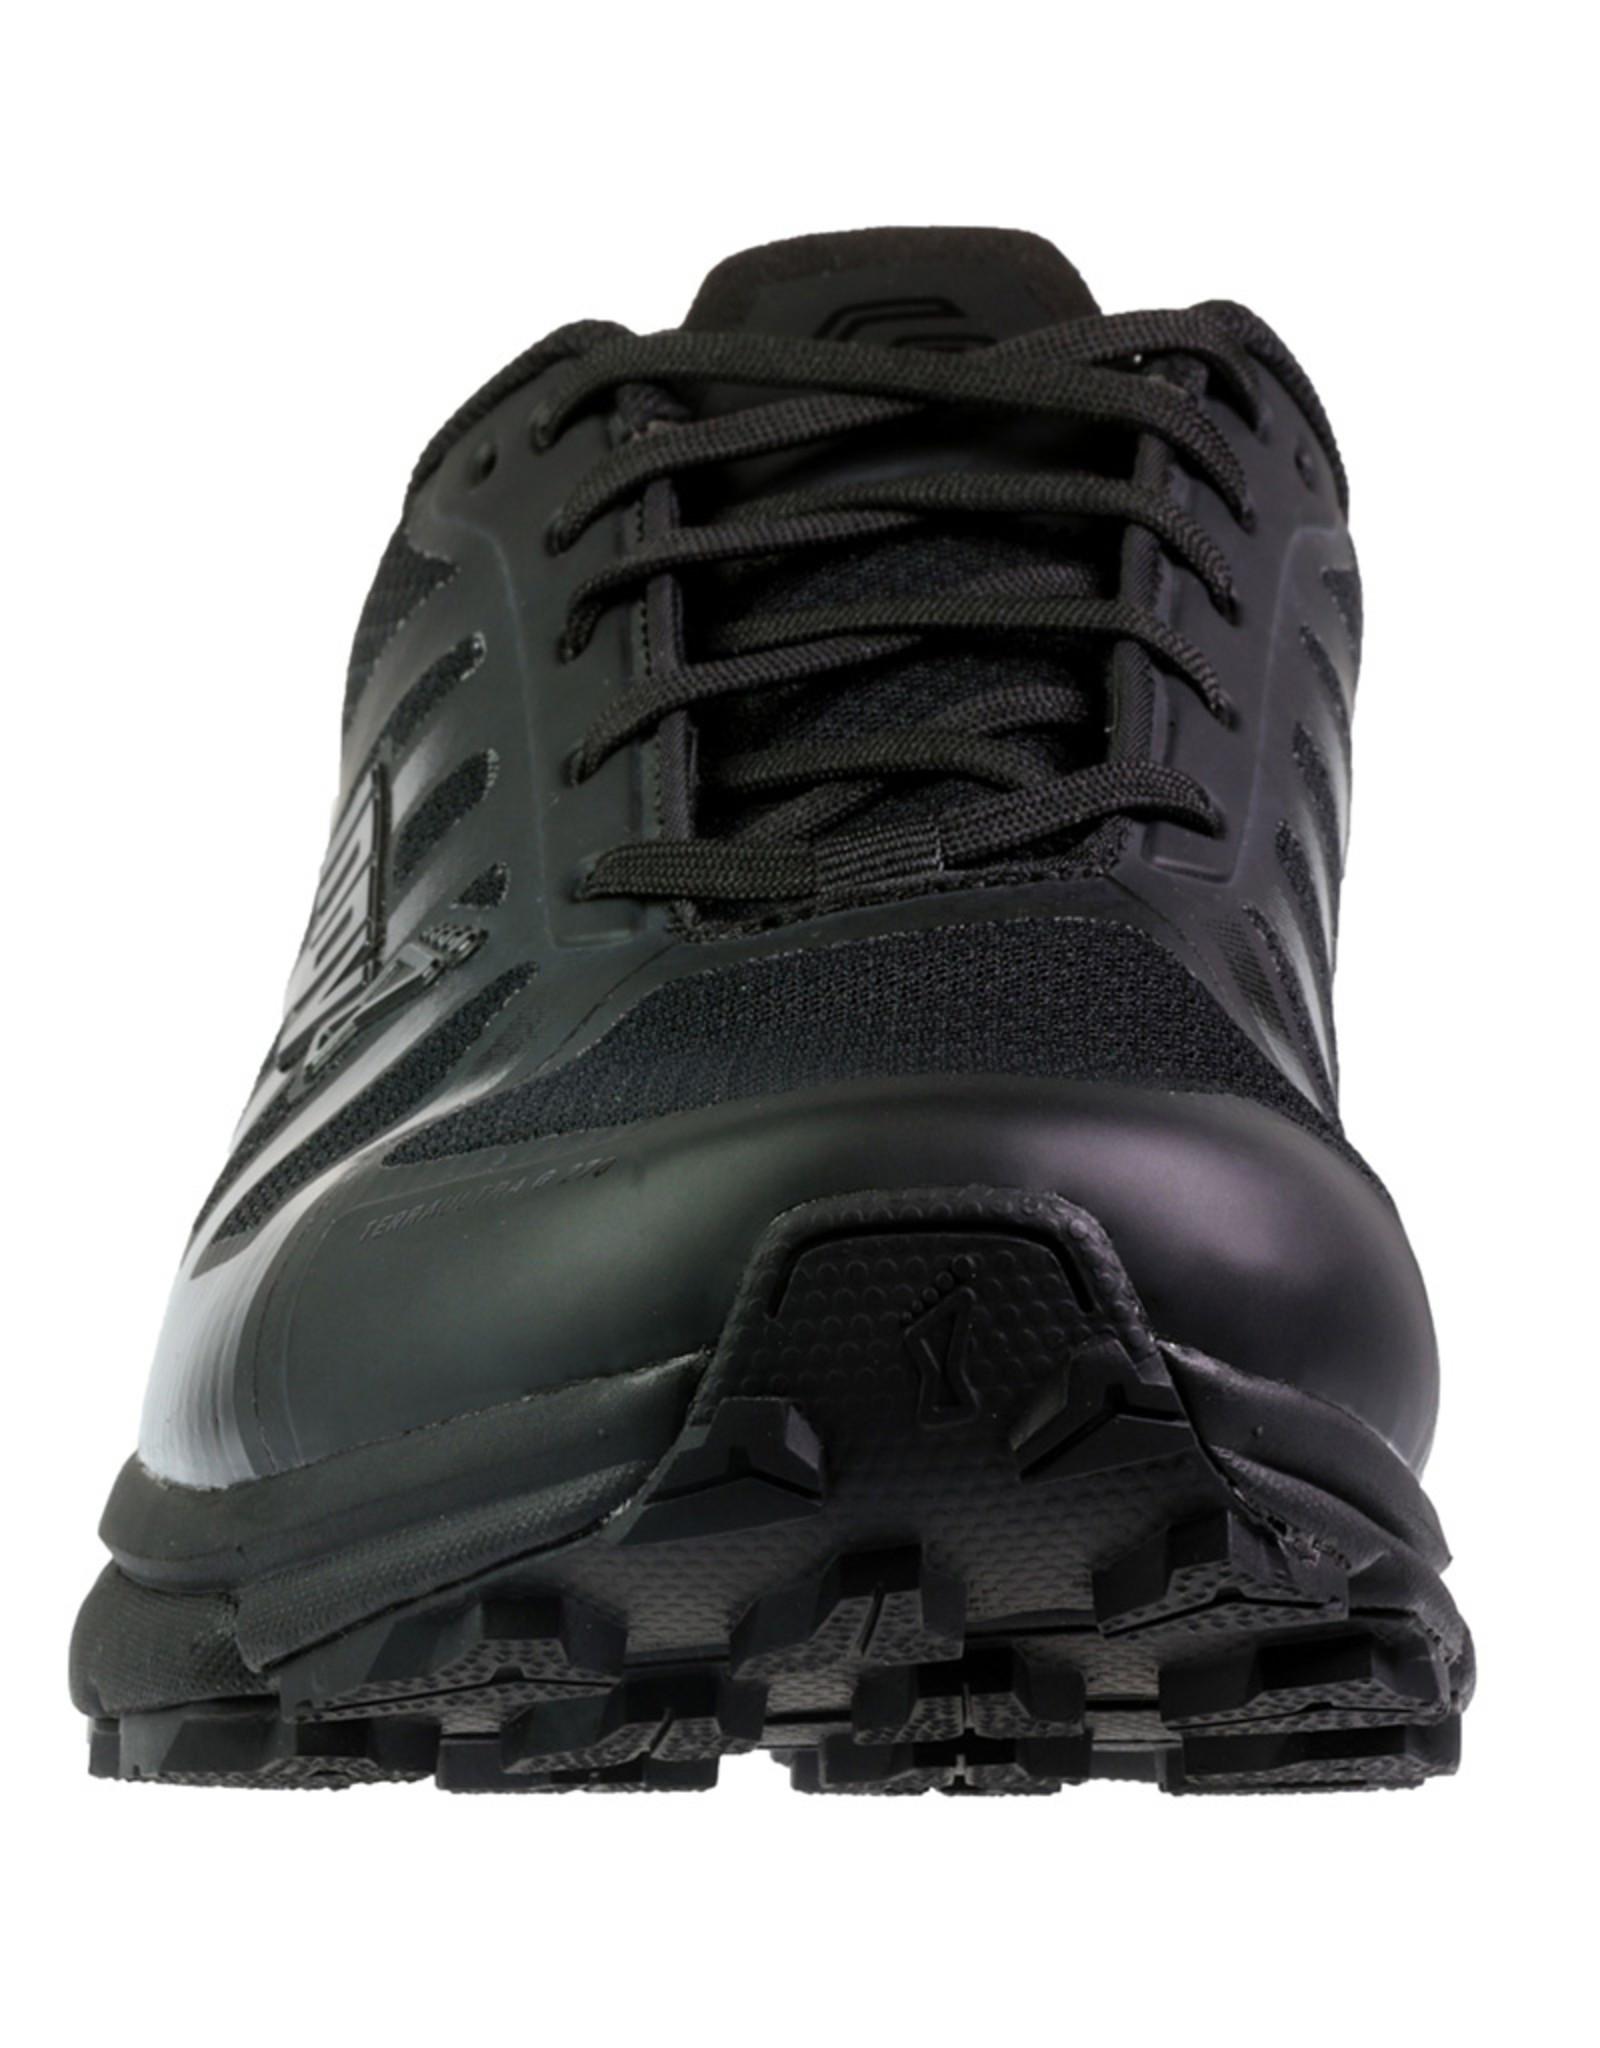 Inov-8 Terraultra G 270 Chaussure Trailrun - Noir